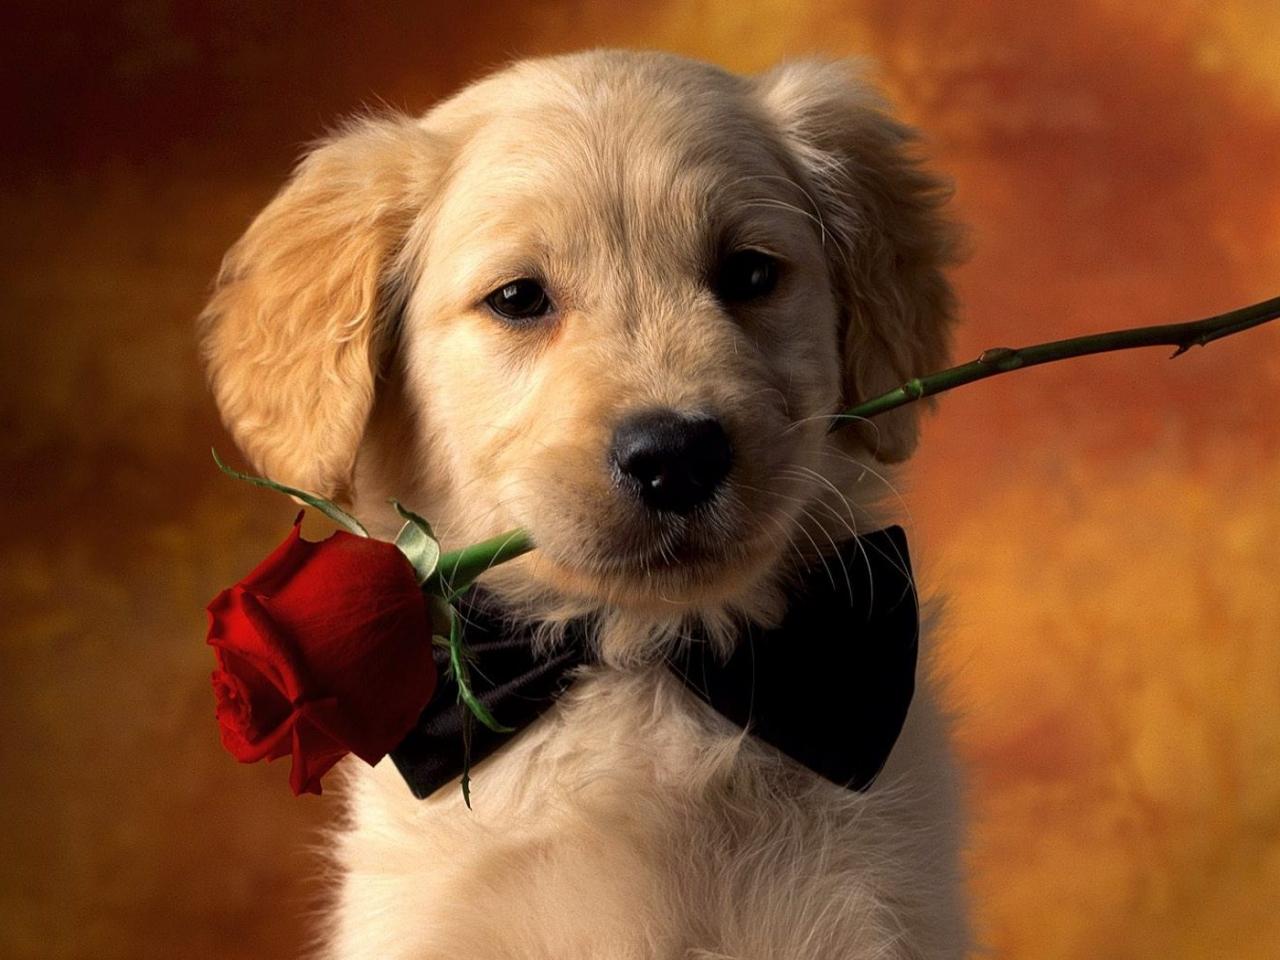 Un perro y una rosa - 1280x960